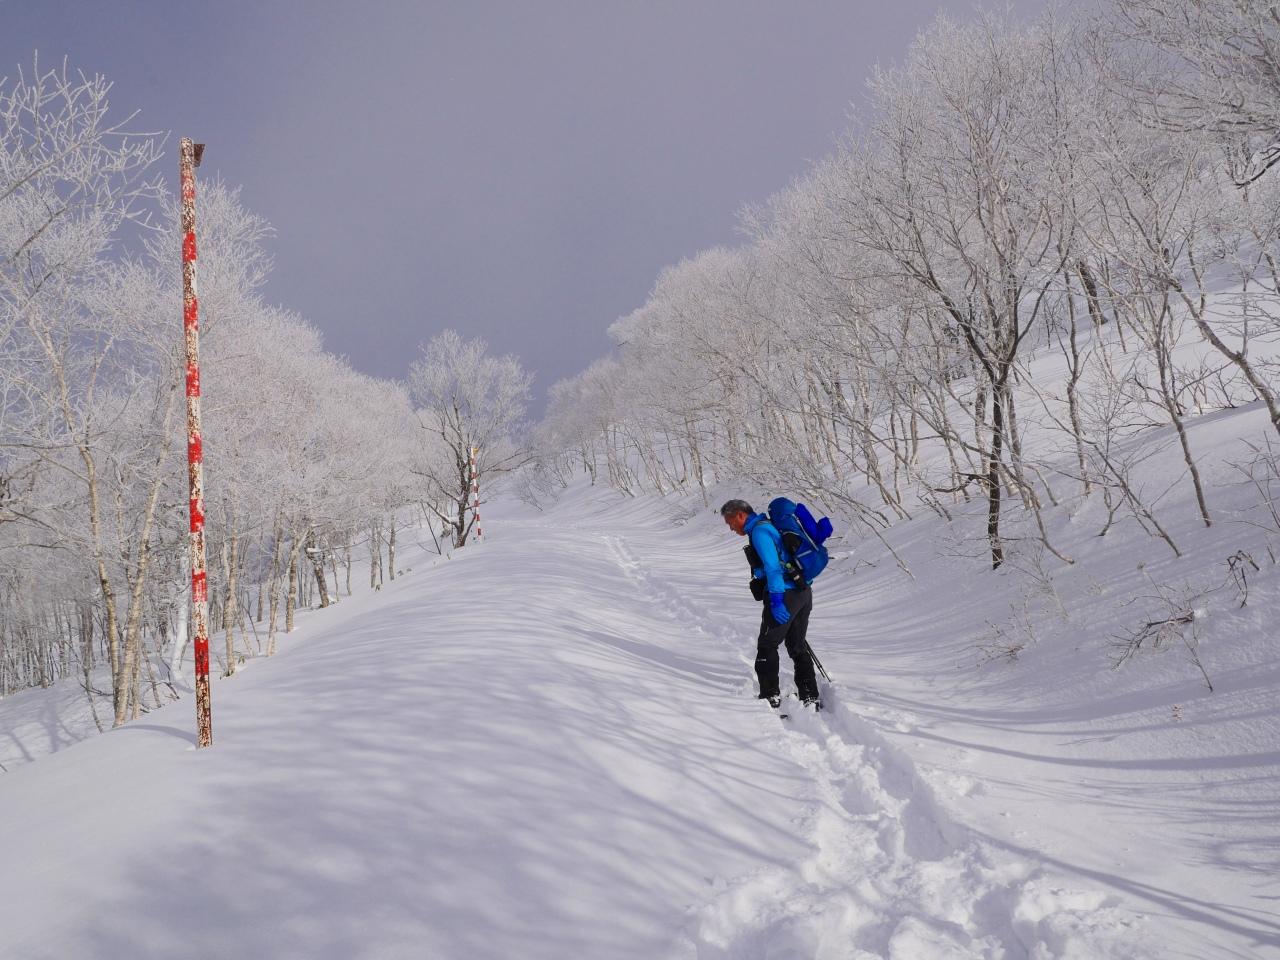 紋別岳から748mピークピストン、2017.1.8-その1-_f0138096_2114823.jpg